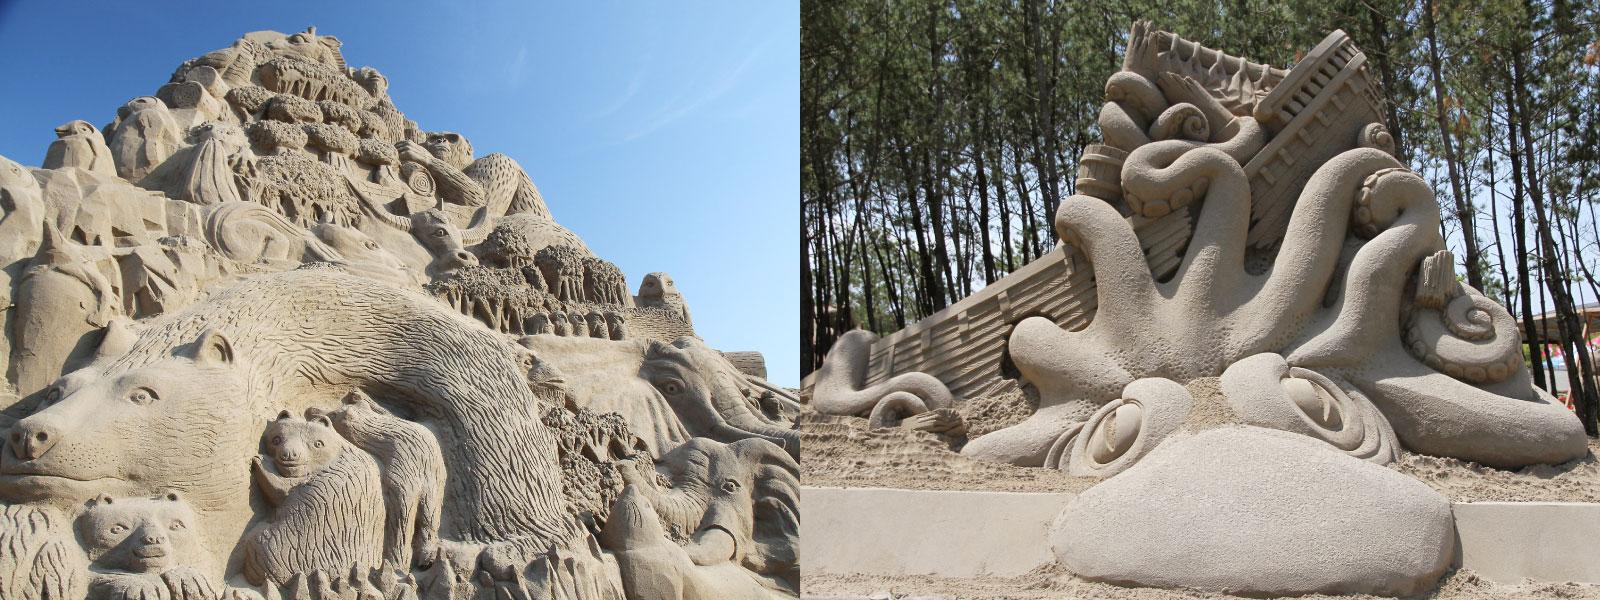 吹上浜砂の祭典 メイン砂像と招待作家砂像